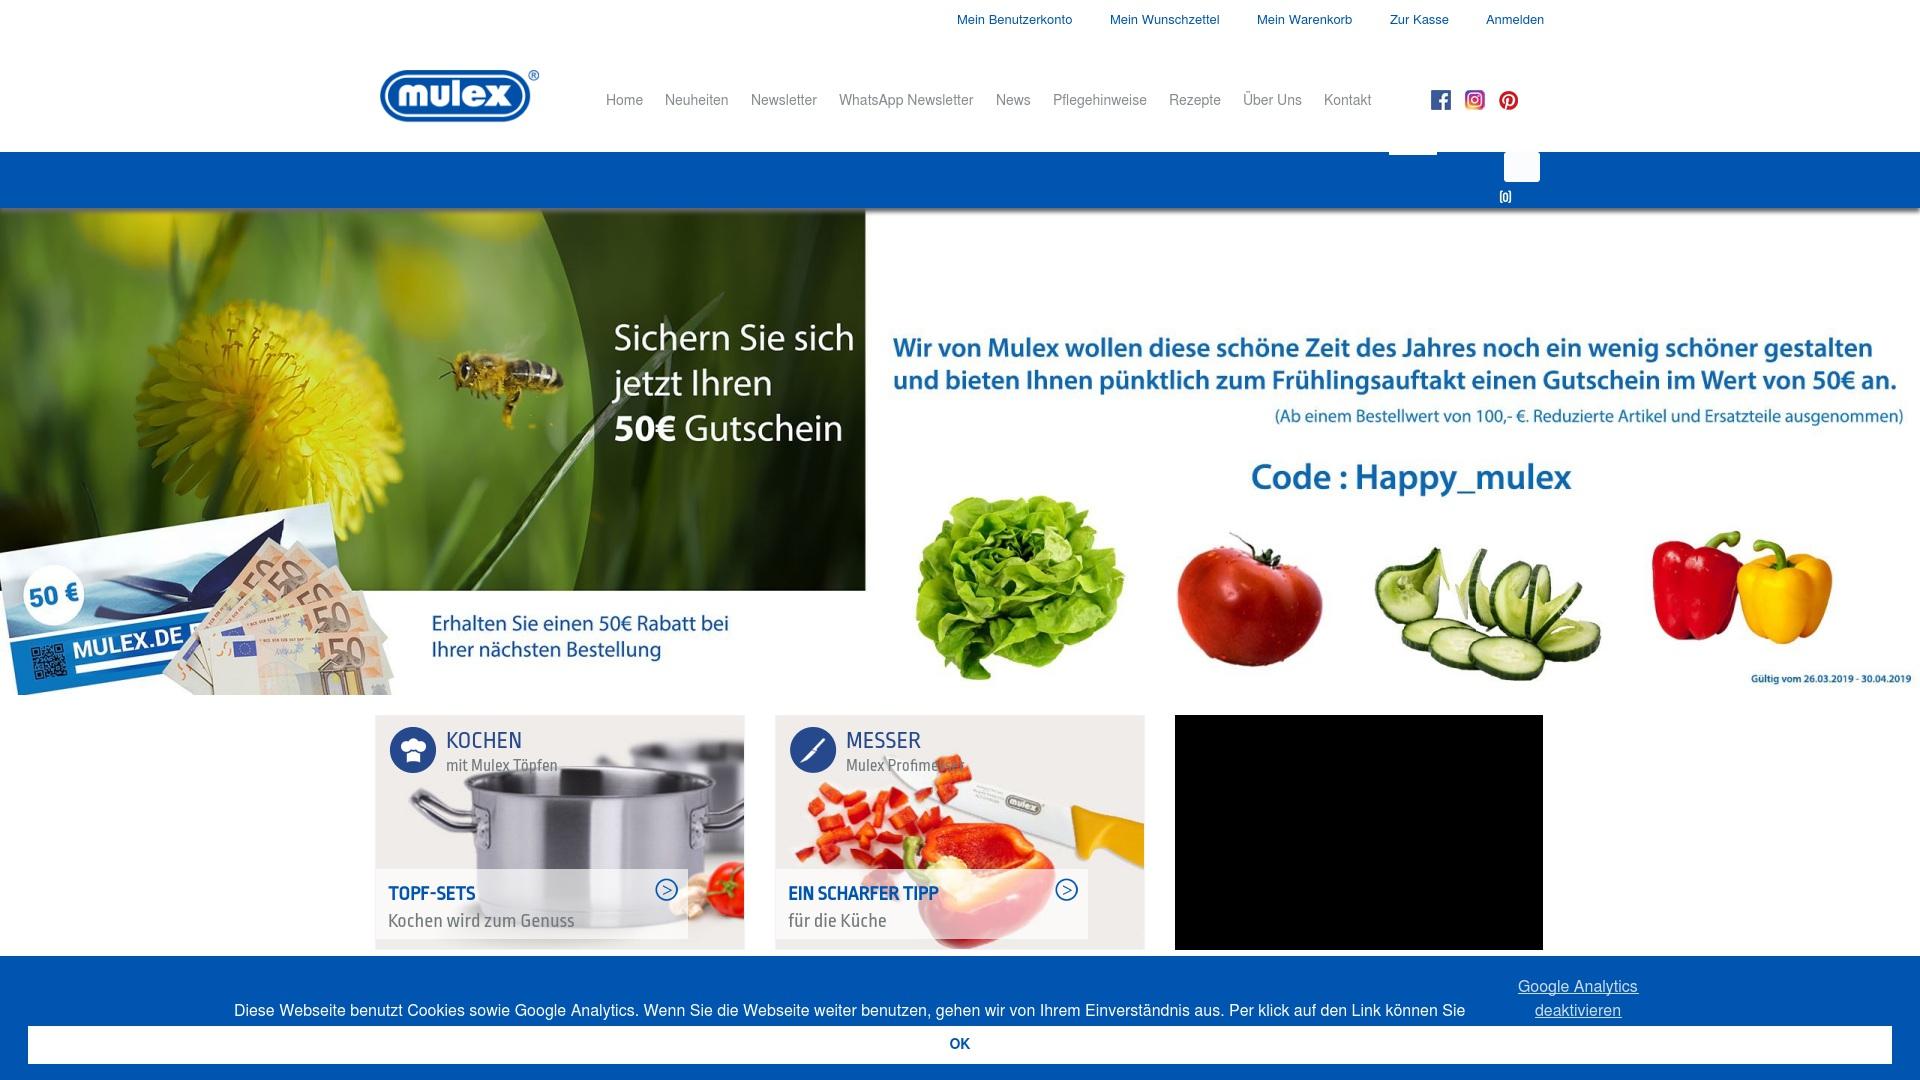 Gutschein für Mulex: Rabatte für  Mulex sichern